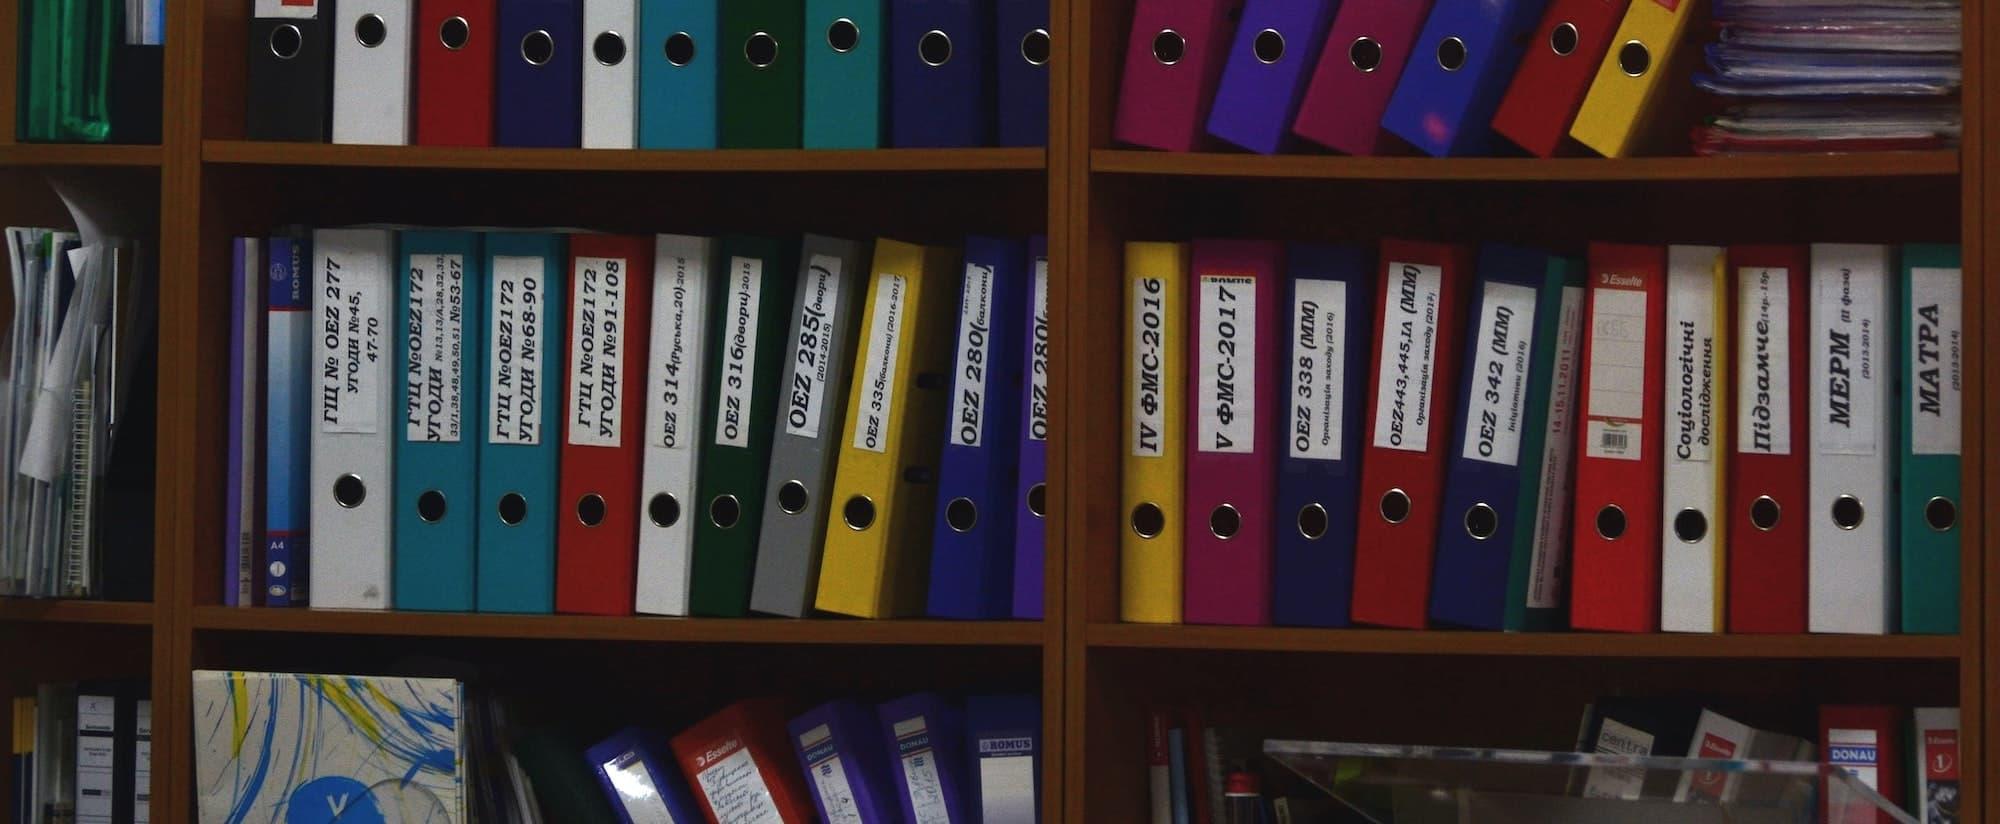 cómo nombrar archivos y ordenar carpetas